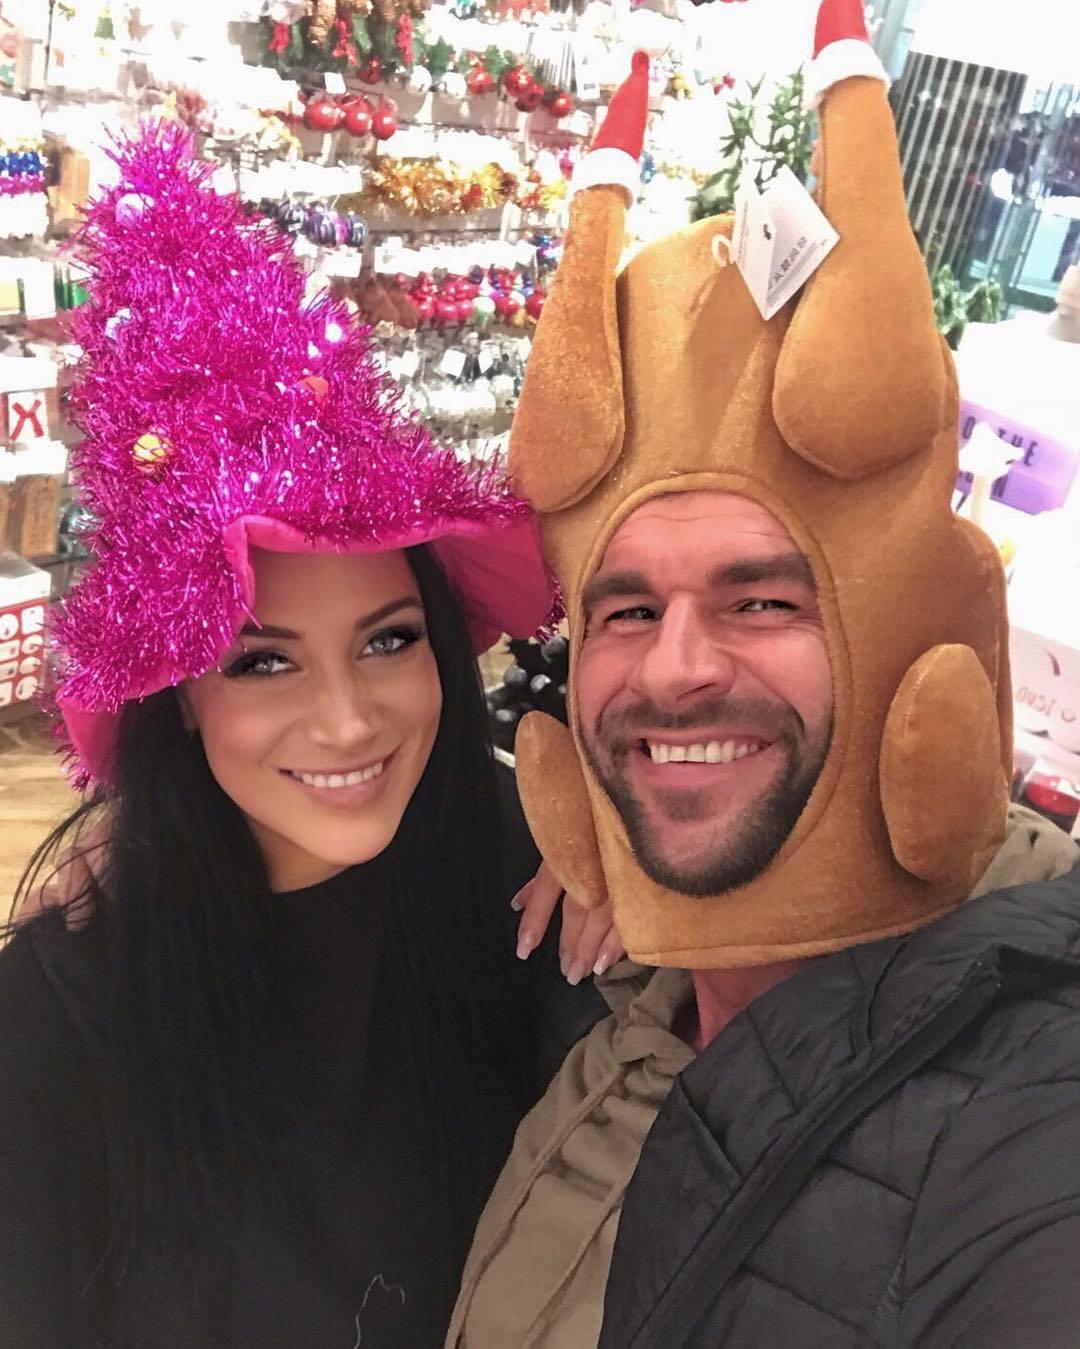 Andrea Pomeje a její přítel Pedritko si vystačili jen s vánočními ozdobami hlav